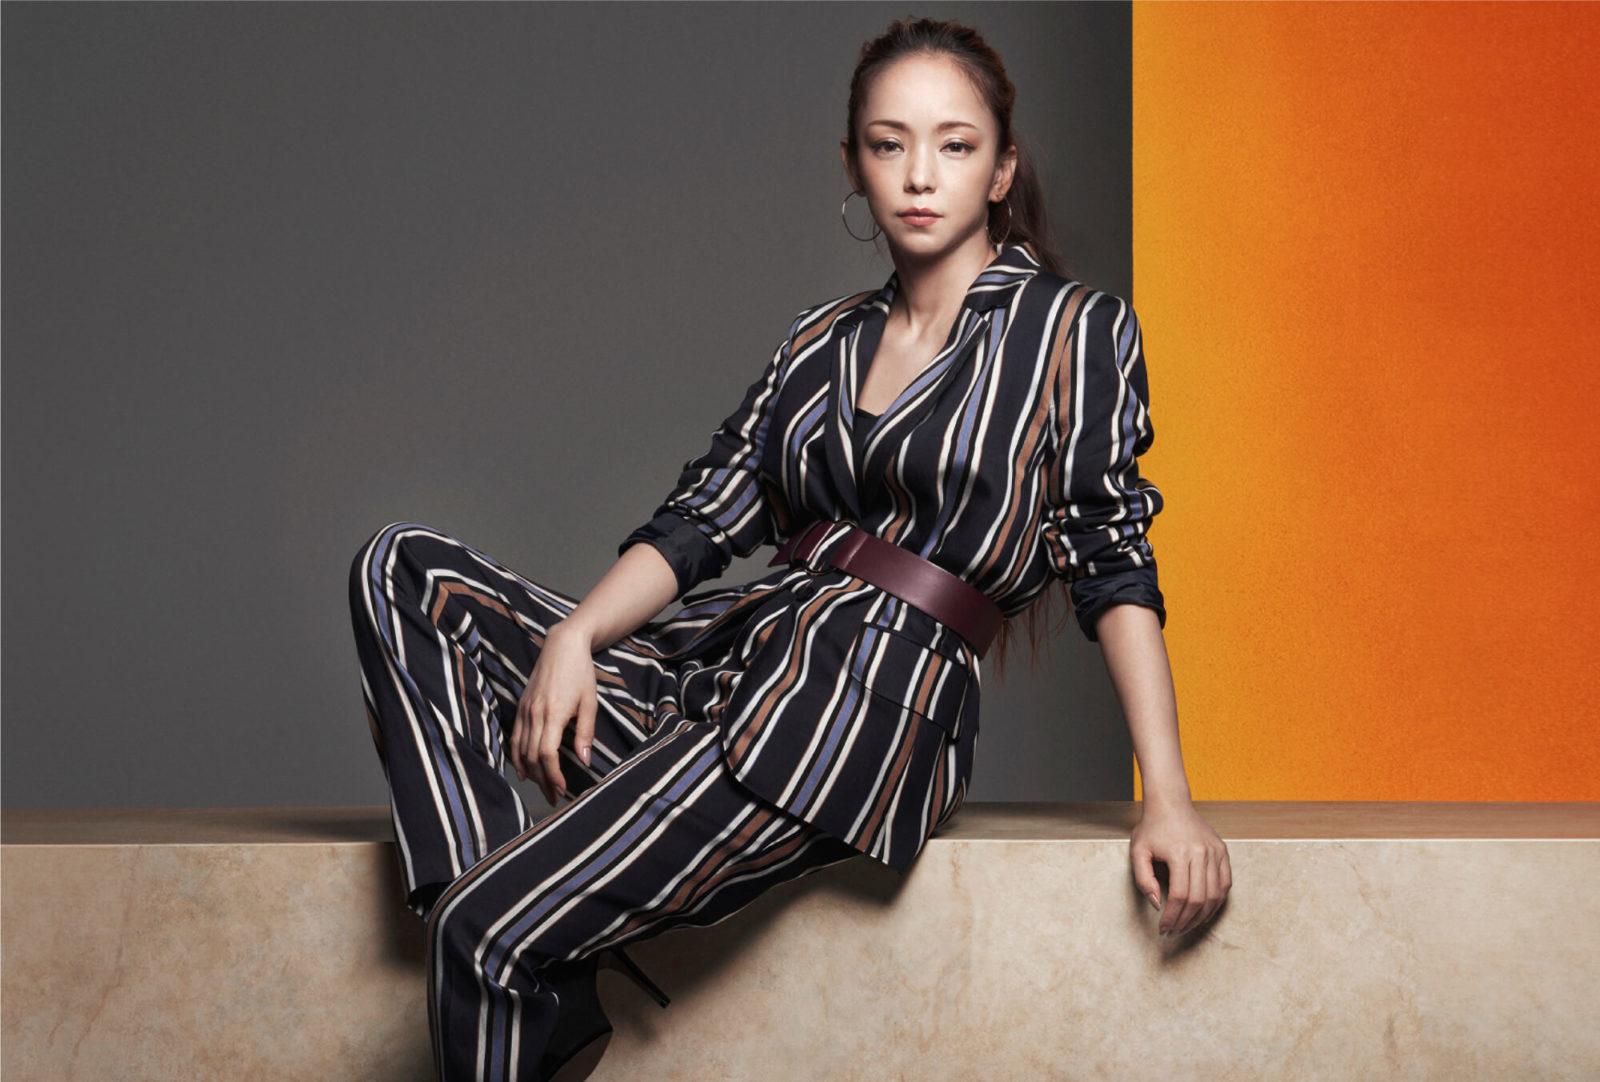 安室奈美恵、引退前最後「Namie Amuro × H&M」の全ビジュアルを公開サムネイル画像